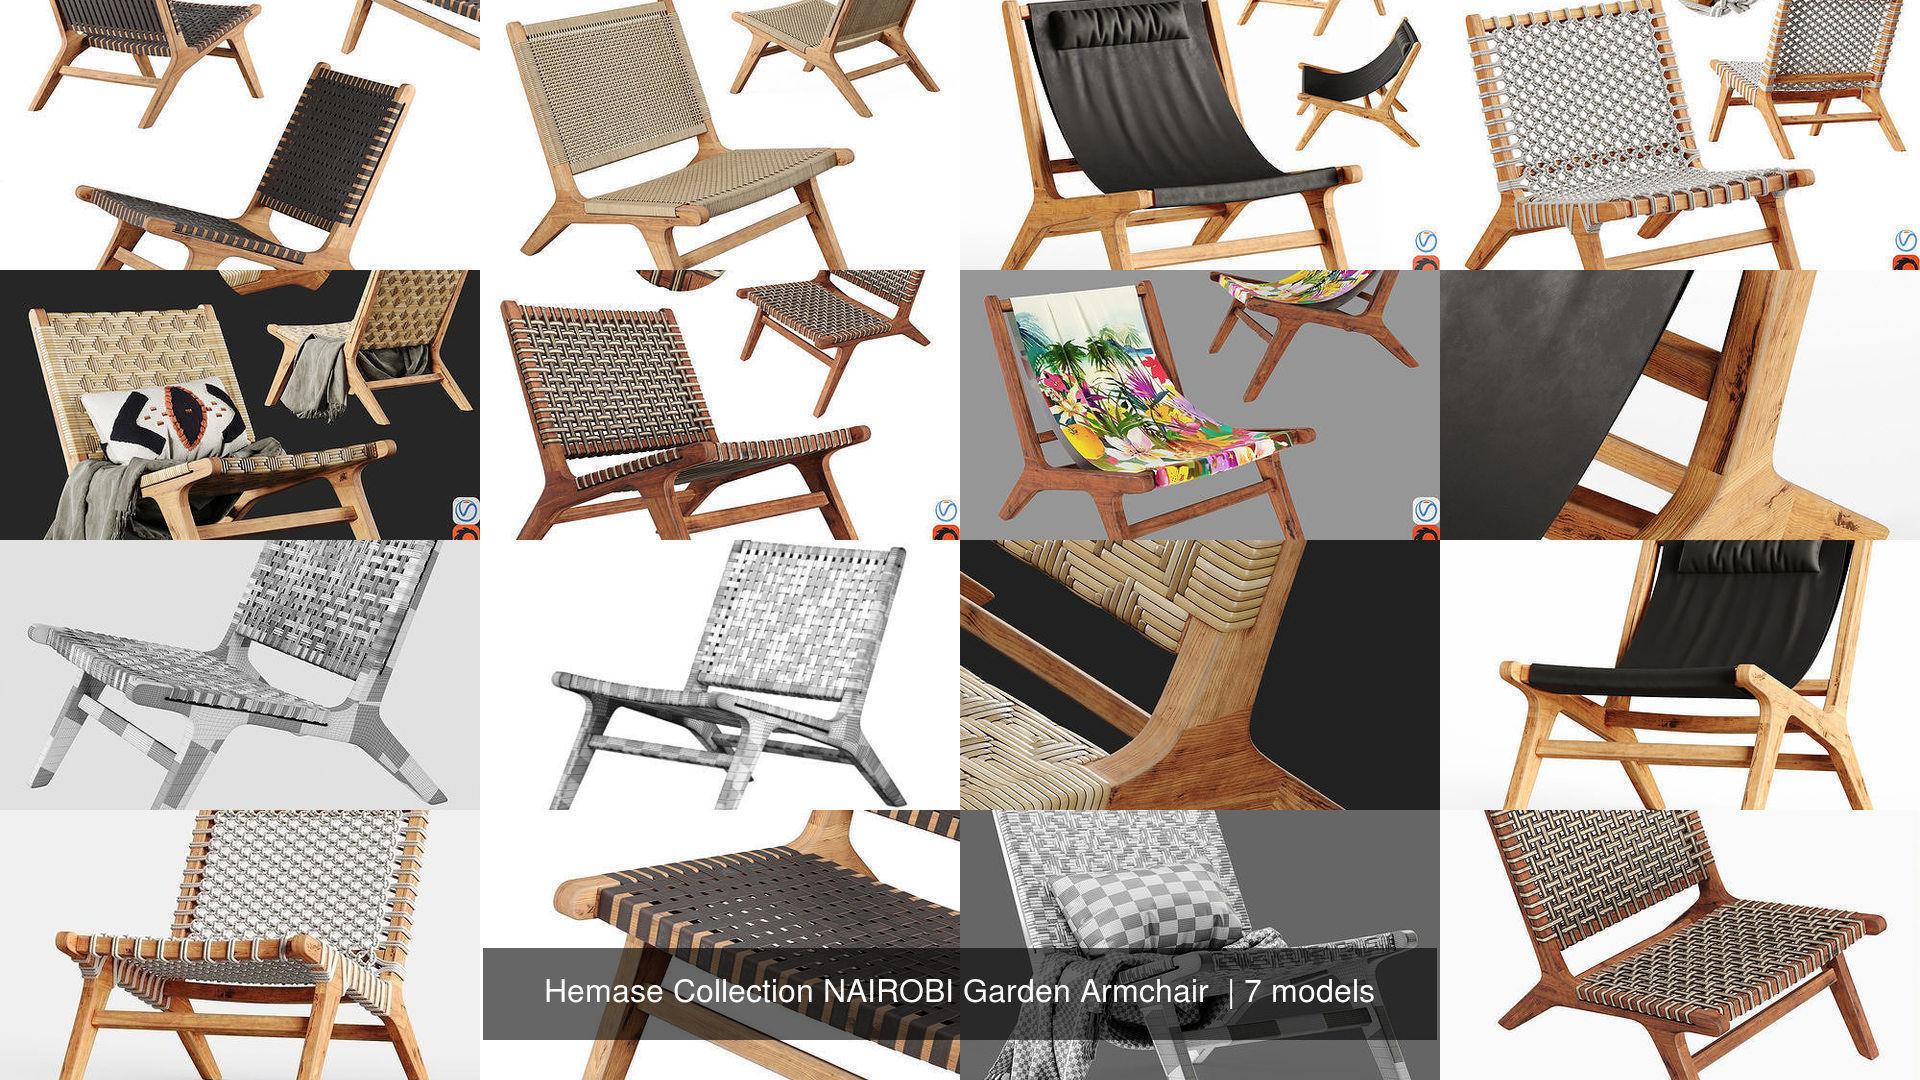 Hemase Collection NAIROBI Garden Armchair